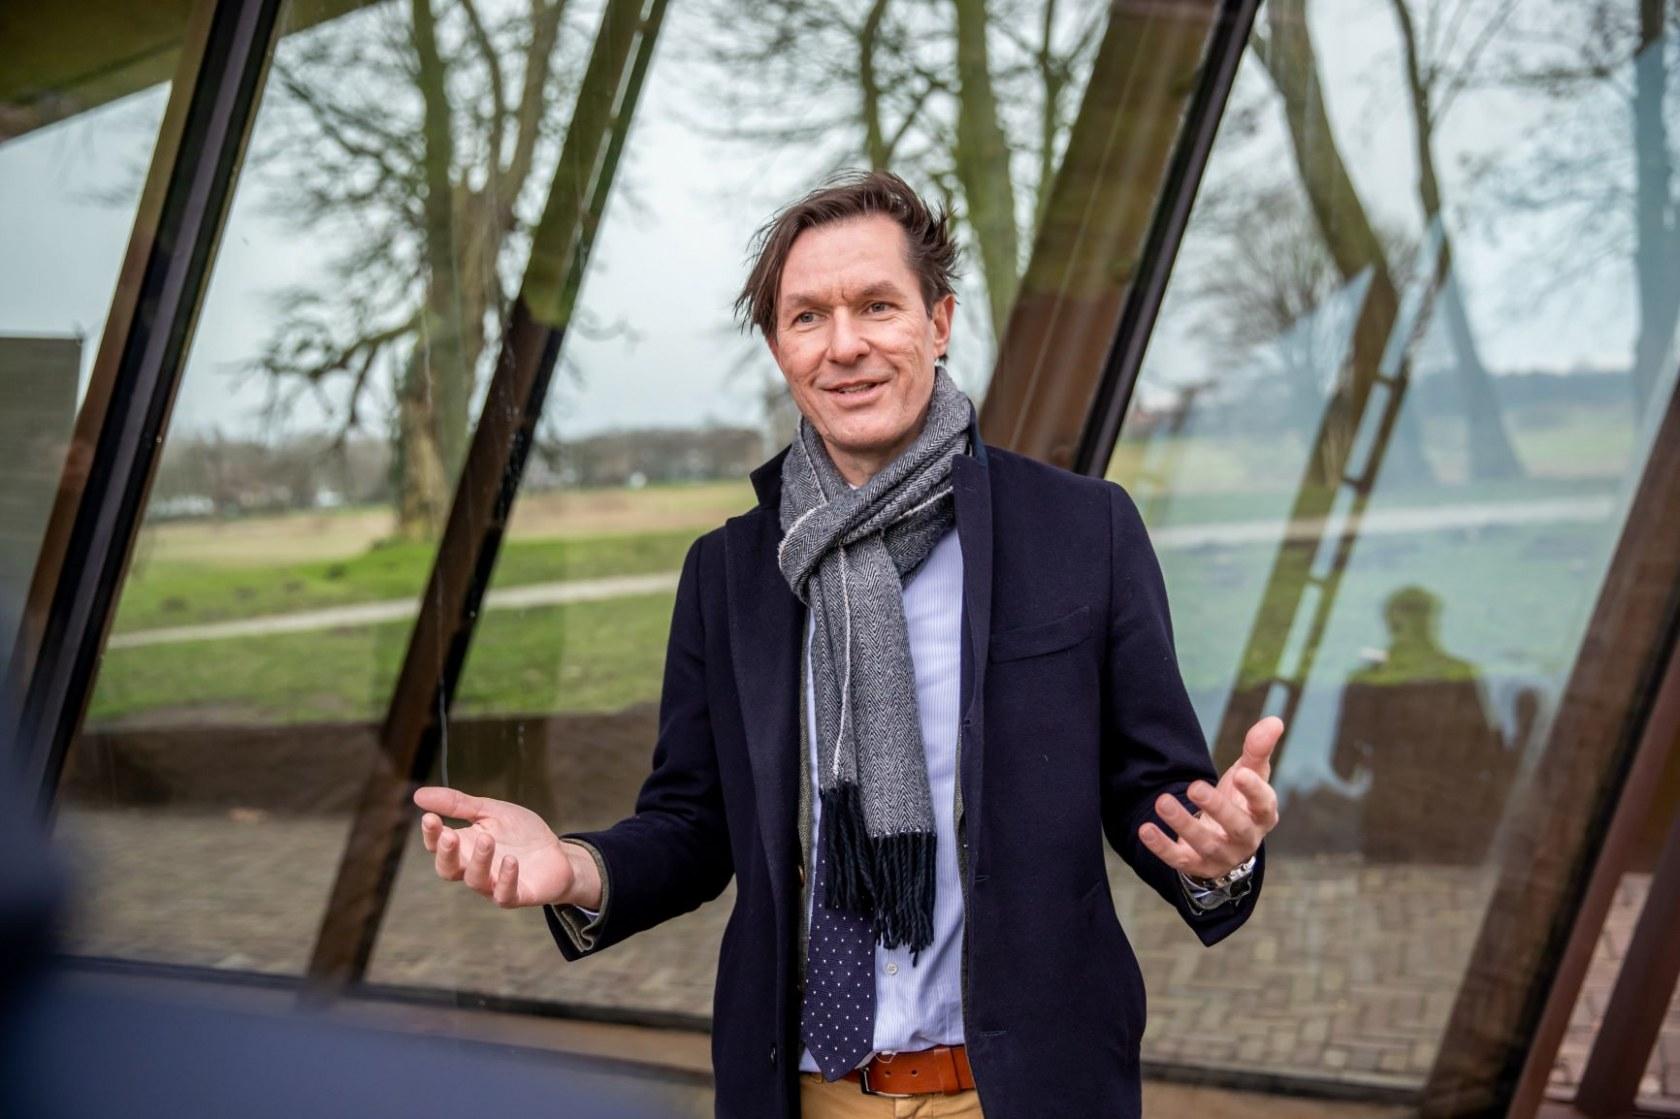 Advocatenblad_FrisseNeus_Robert_van_Muijen_7151